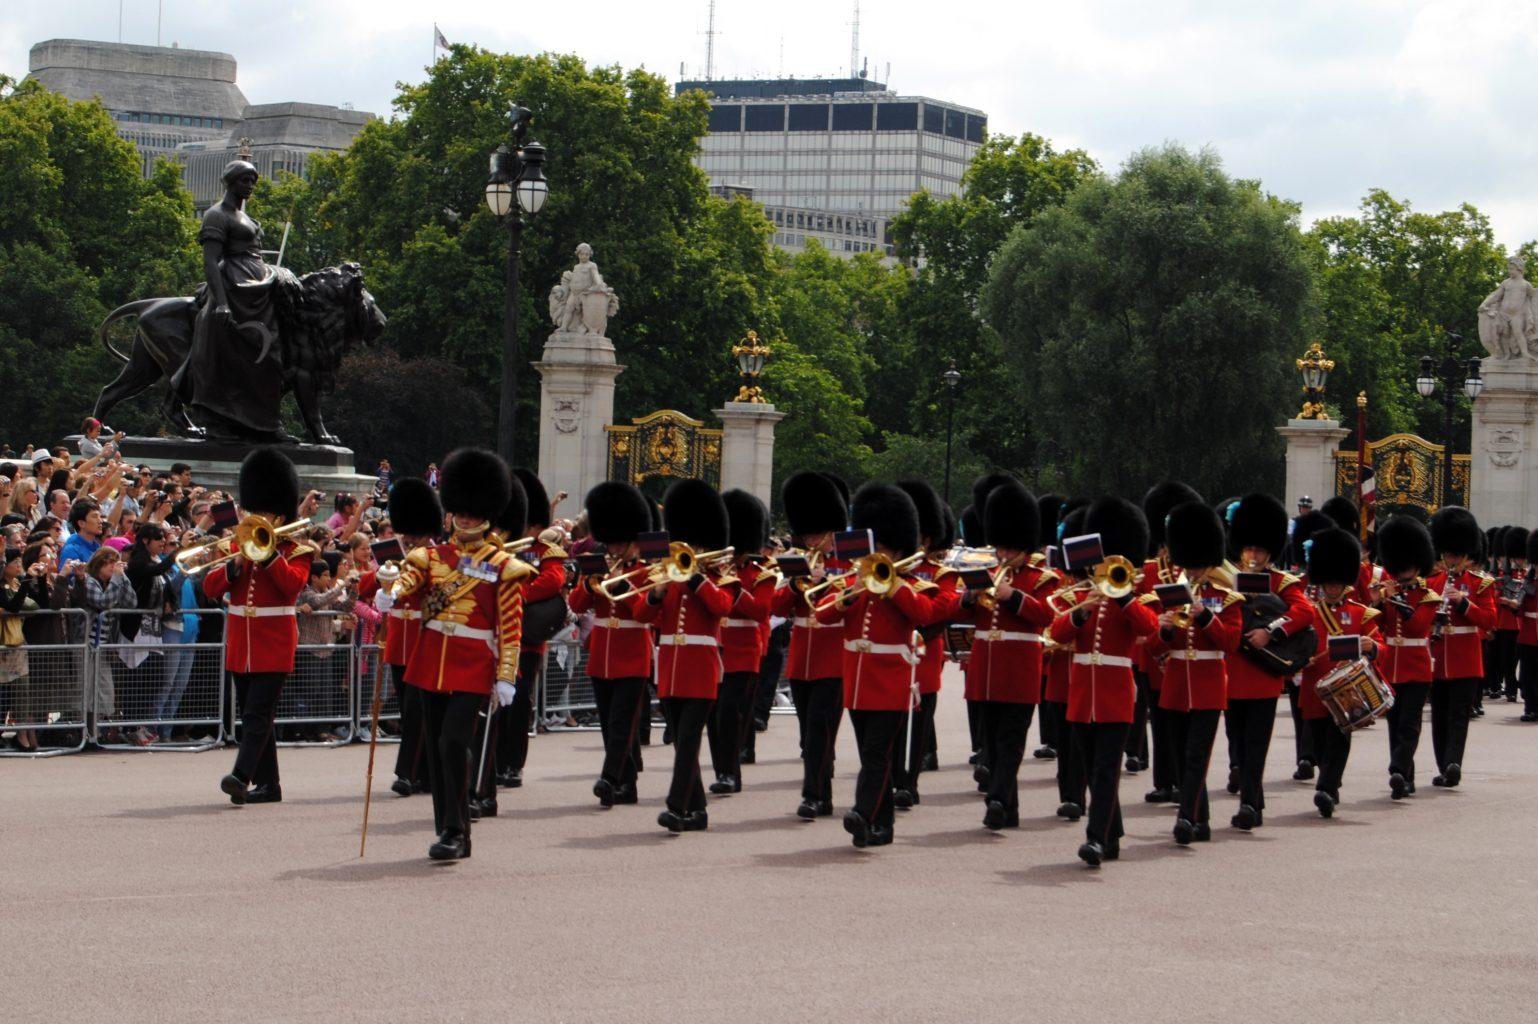 Cambio de guardia. Visitar Londres